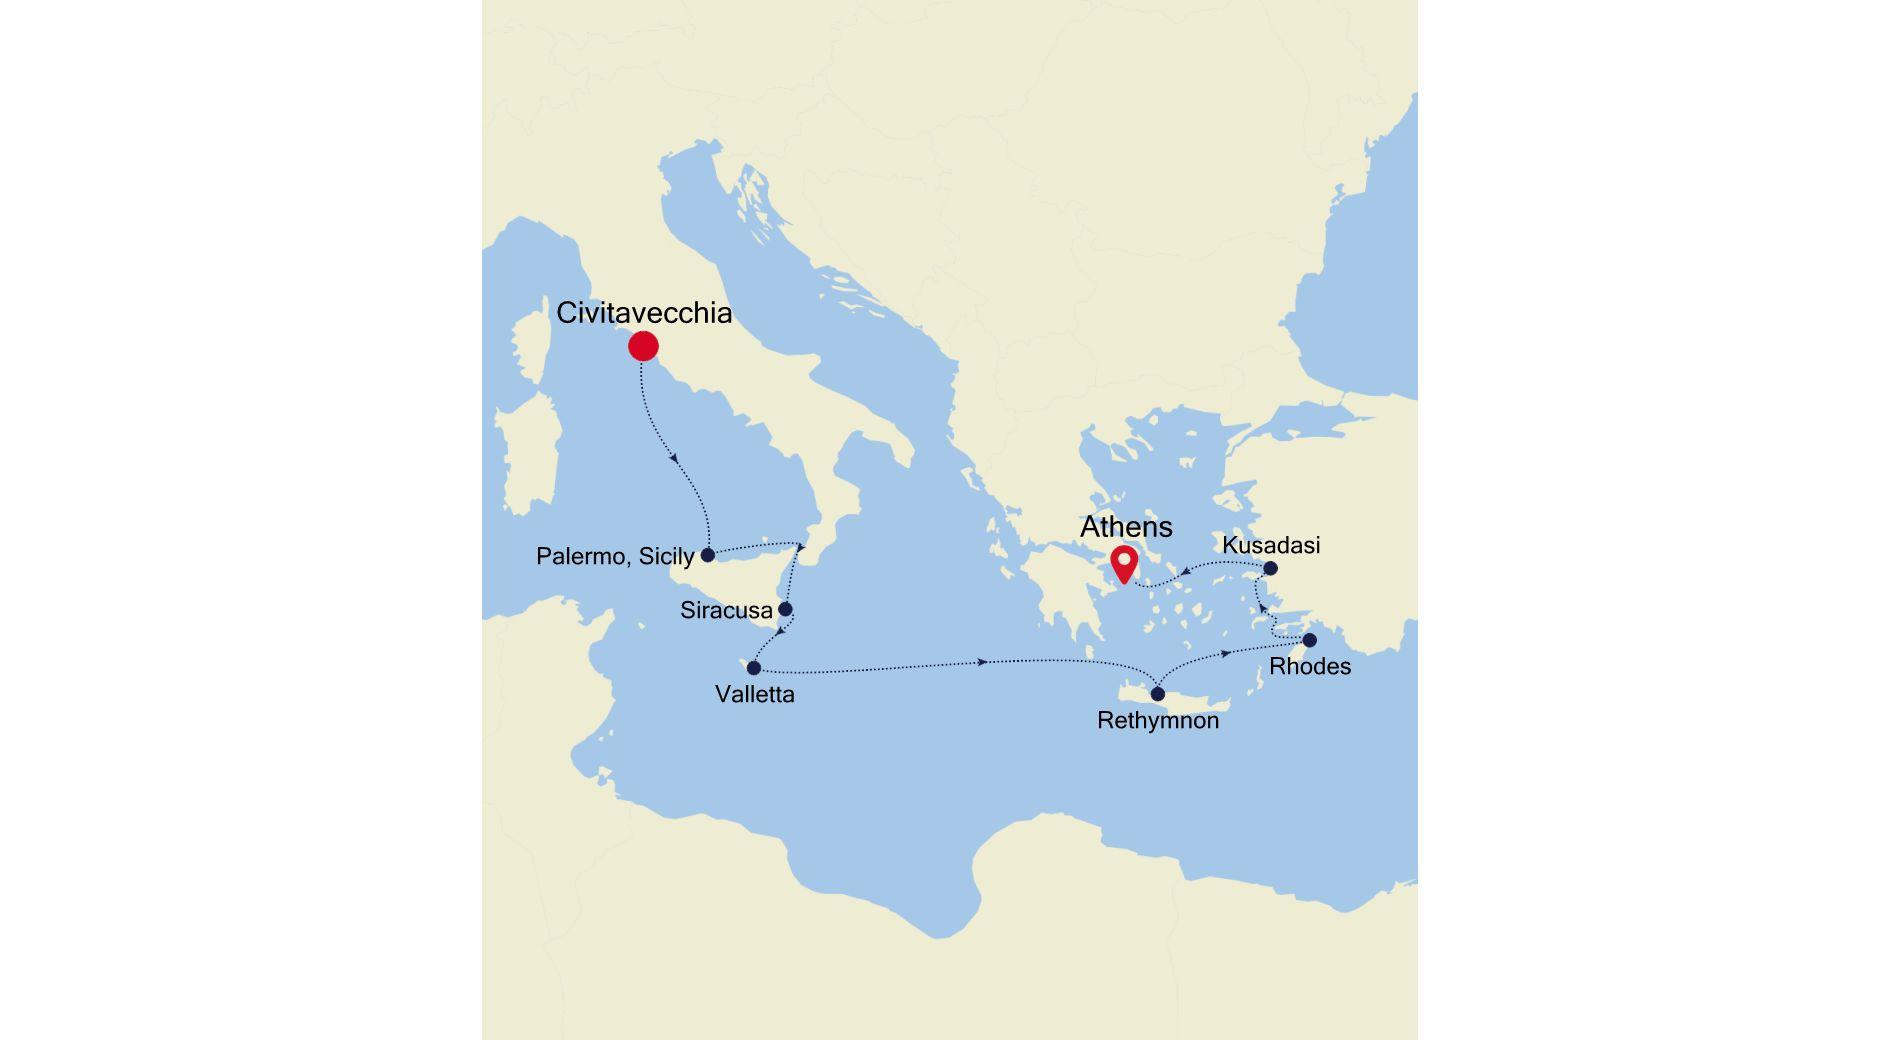 SS211115009 - Civitavecchia à Athens